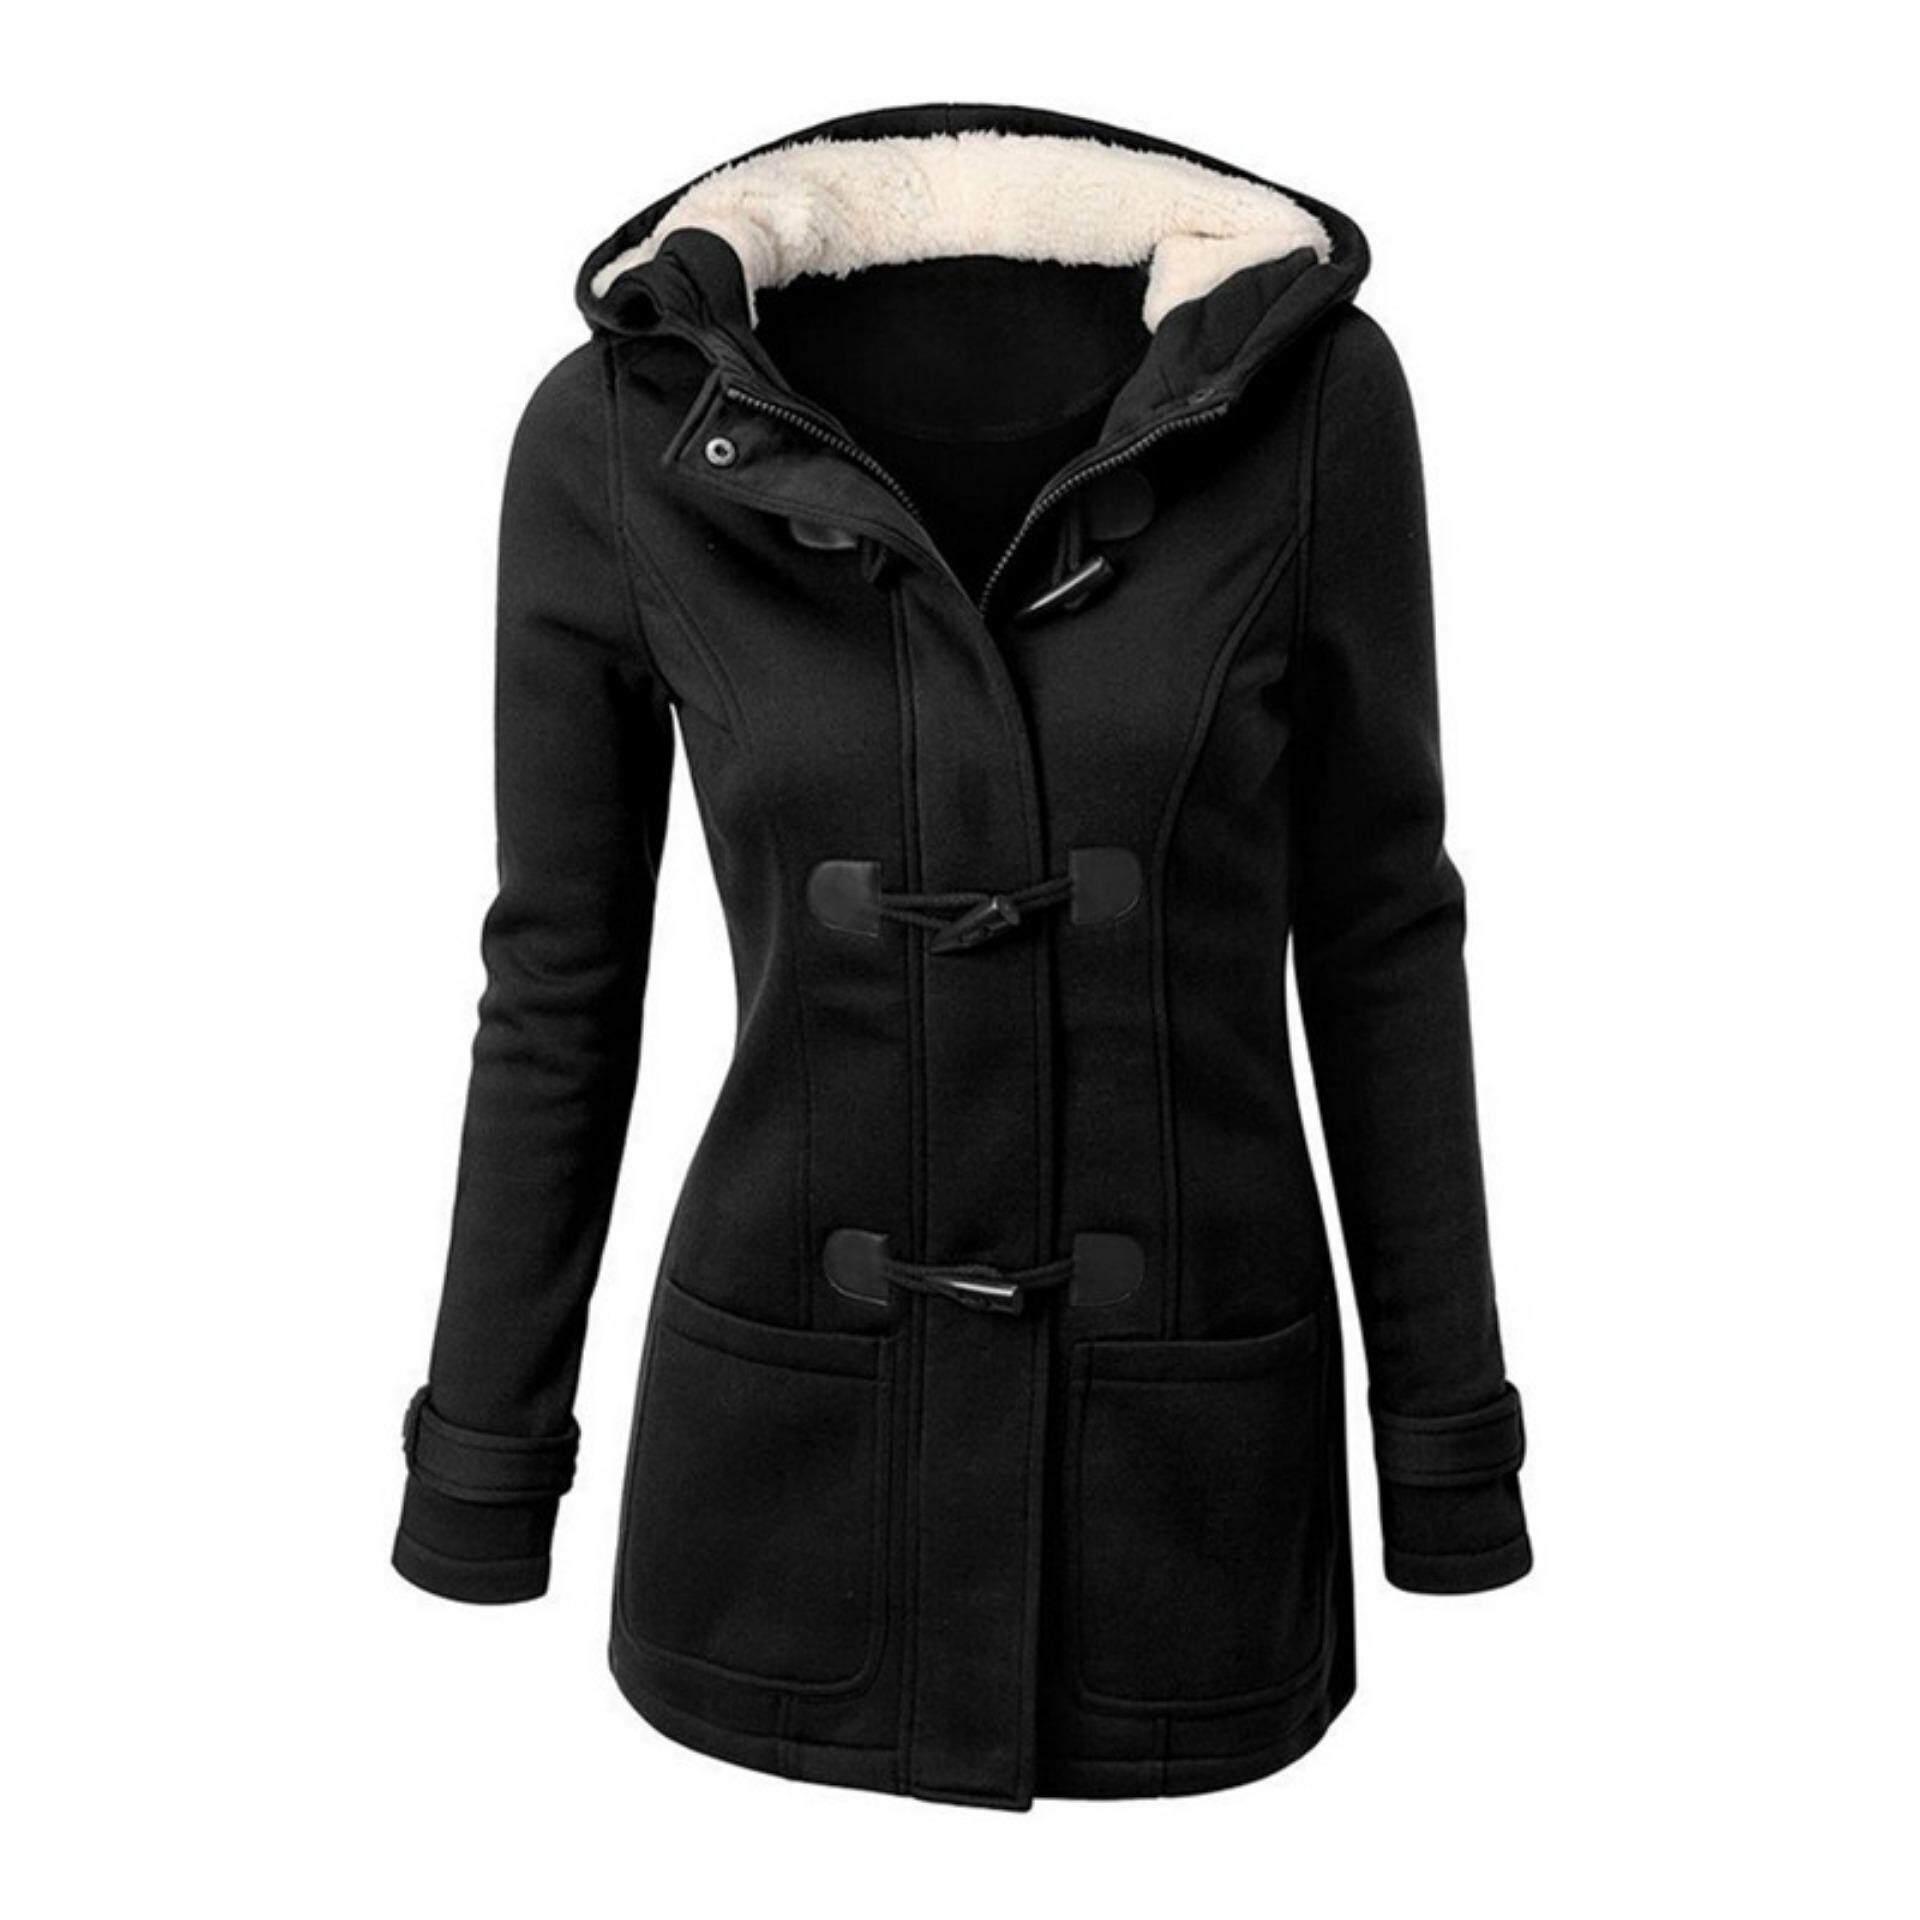 ผู้หญิงฤดูหนาวอบอุ่นขนสัตว์ผสมเสื้อคู่เสื้อกันหนาวเสื้อปาร์เกอะทนกว่าสีดำเอส - นานาชาติ.